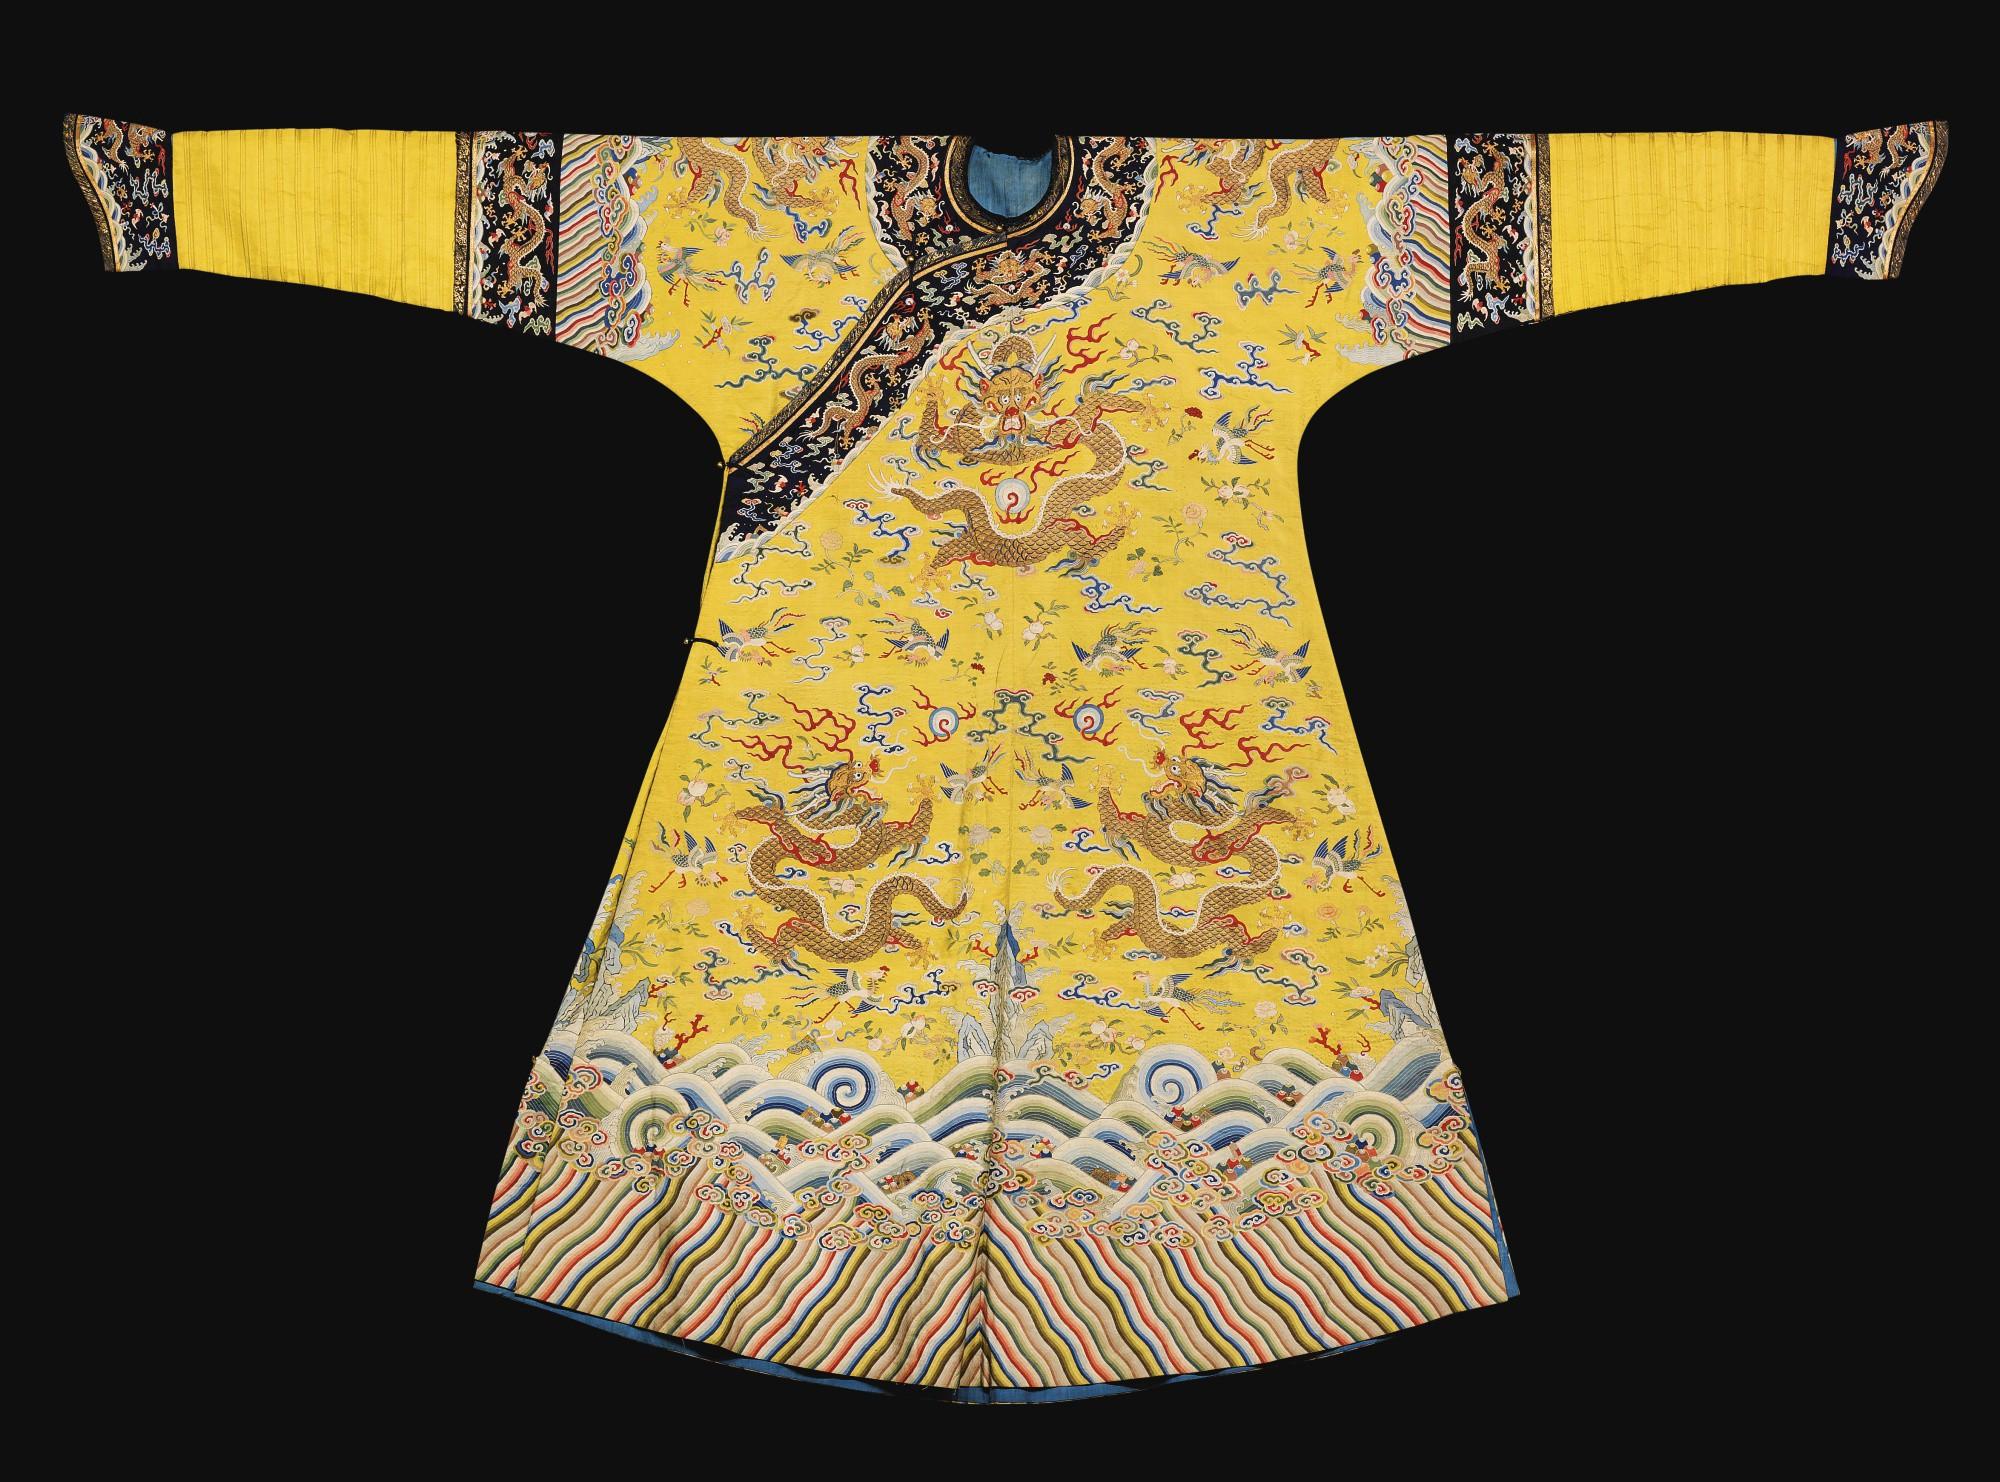 Trang phục Diên Hi Công Lược bị nói là làm lố, nhưng quả thực chúng lại rất sát với nguyên mẫu trong lịch sử - Ảnh 3.